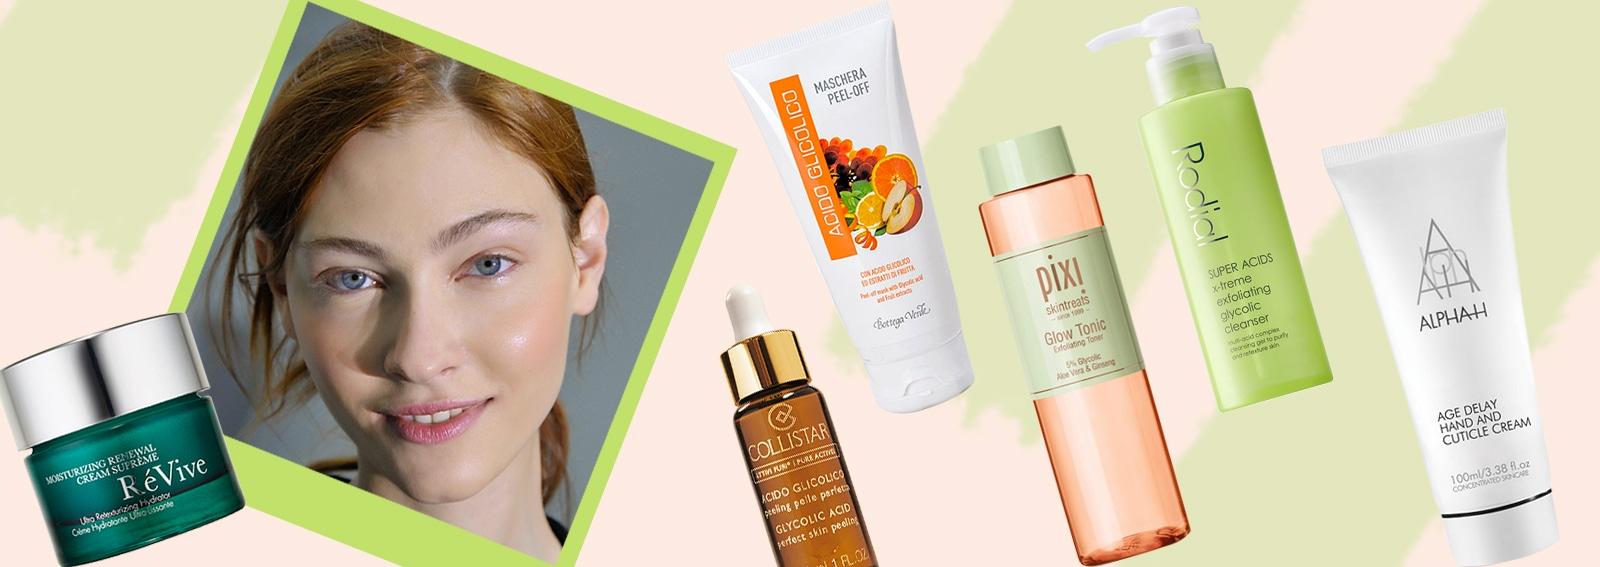 acido glicolico prodotti viso pelle levigata purificata perfetta giovane collage_desktop